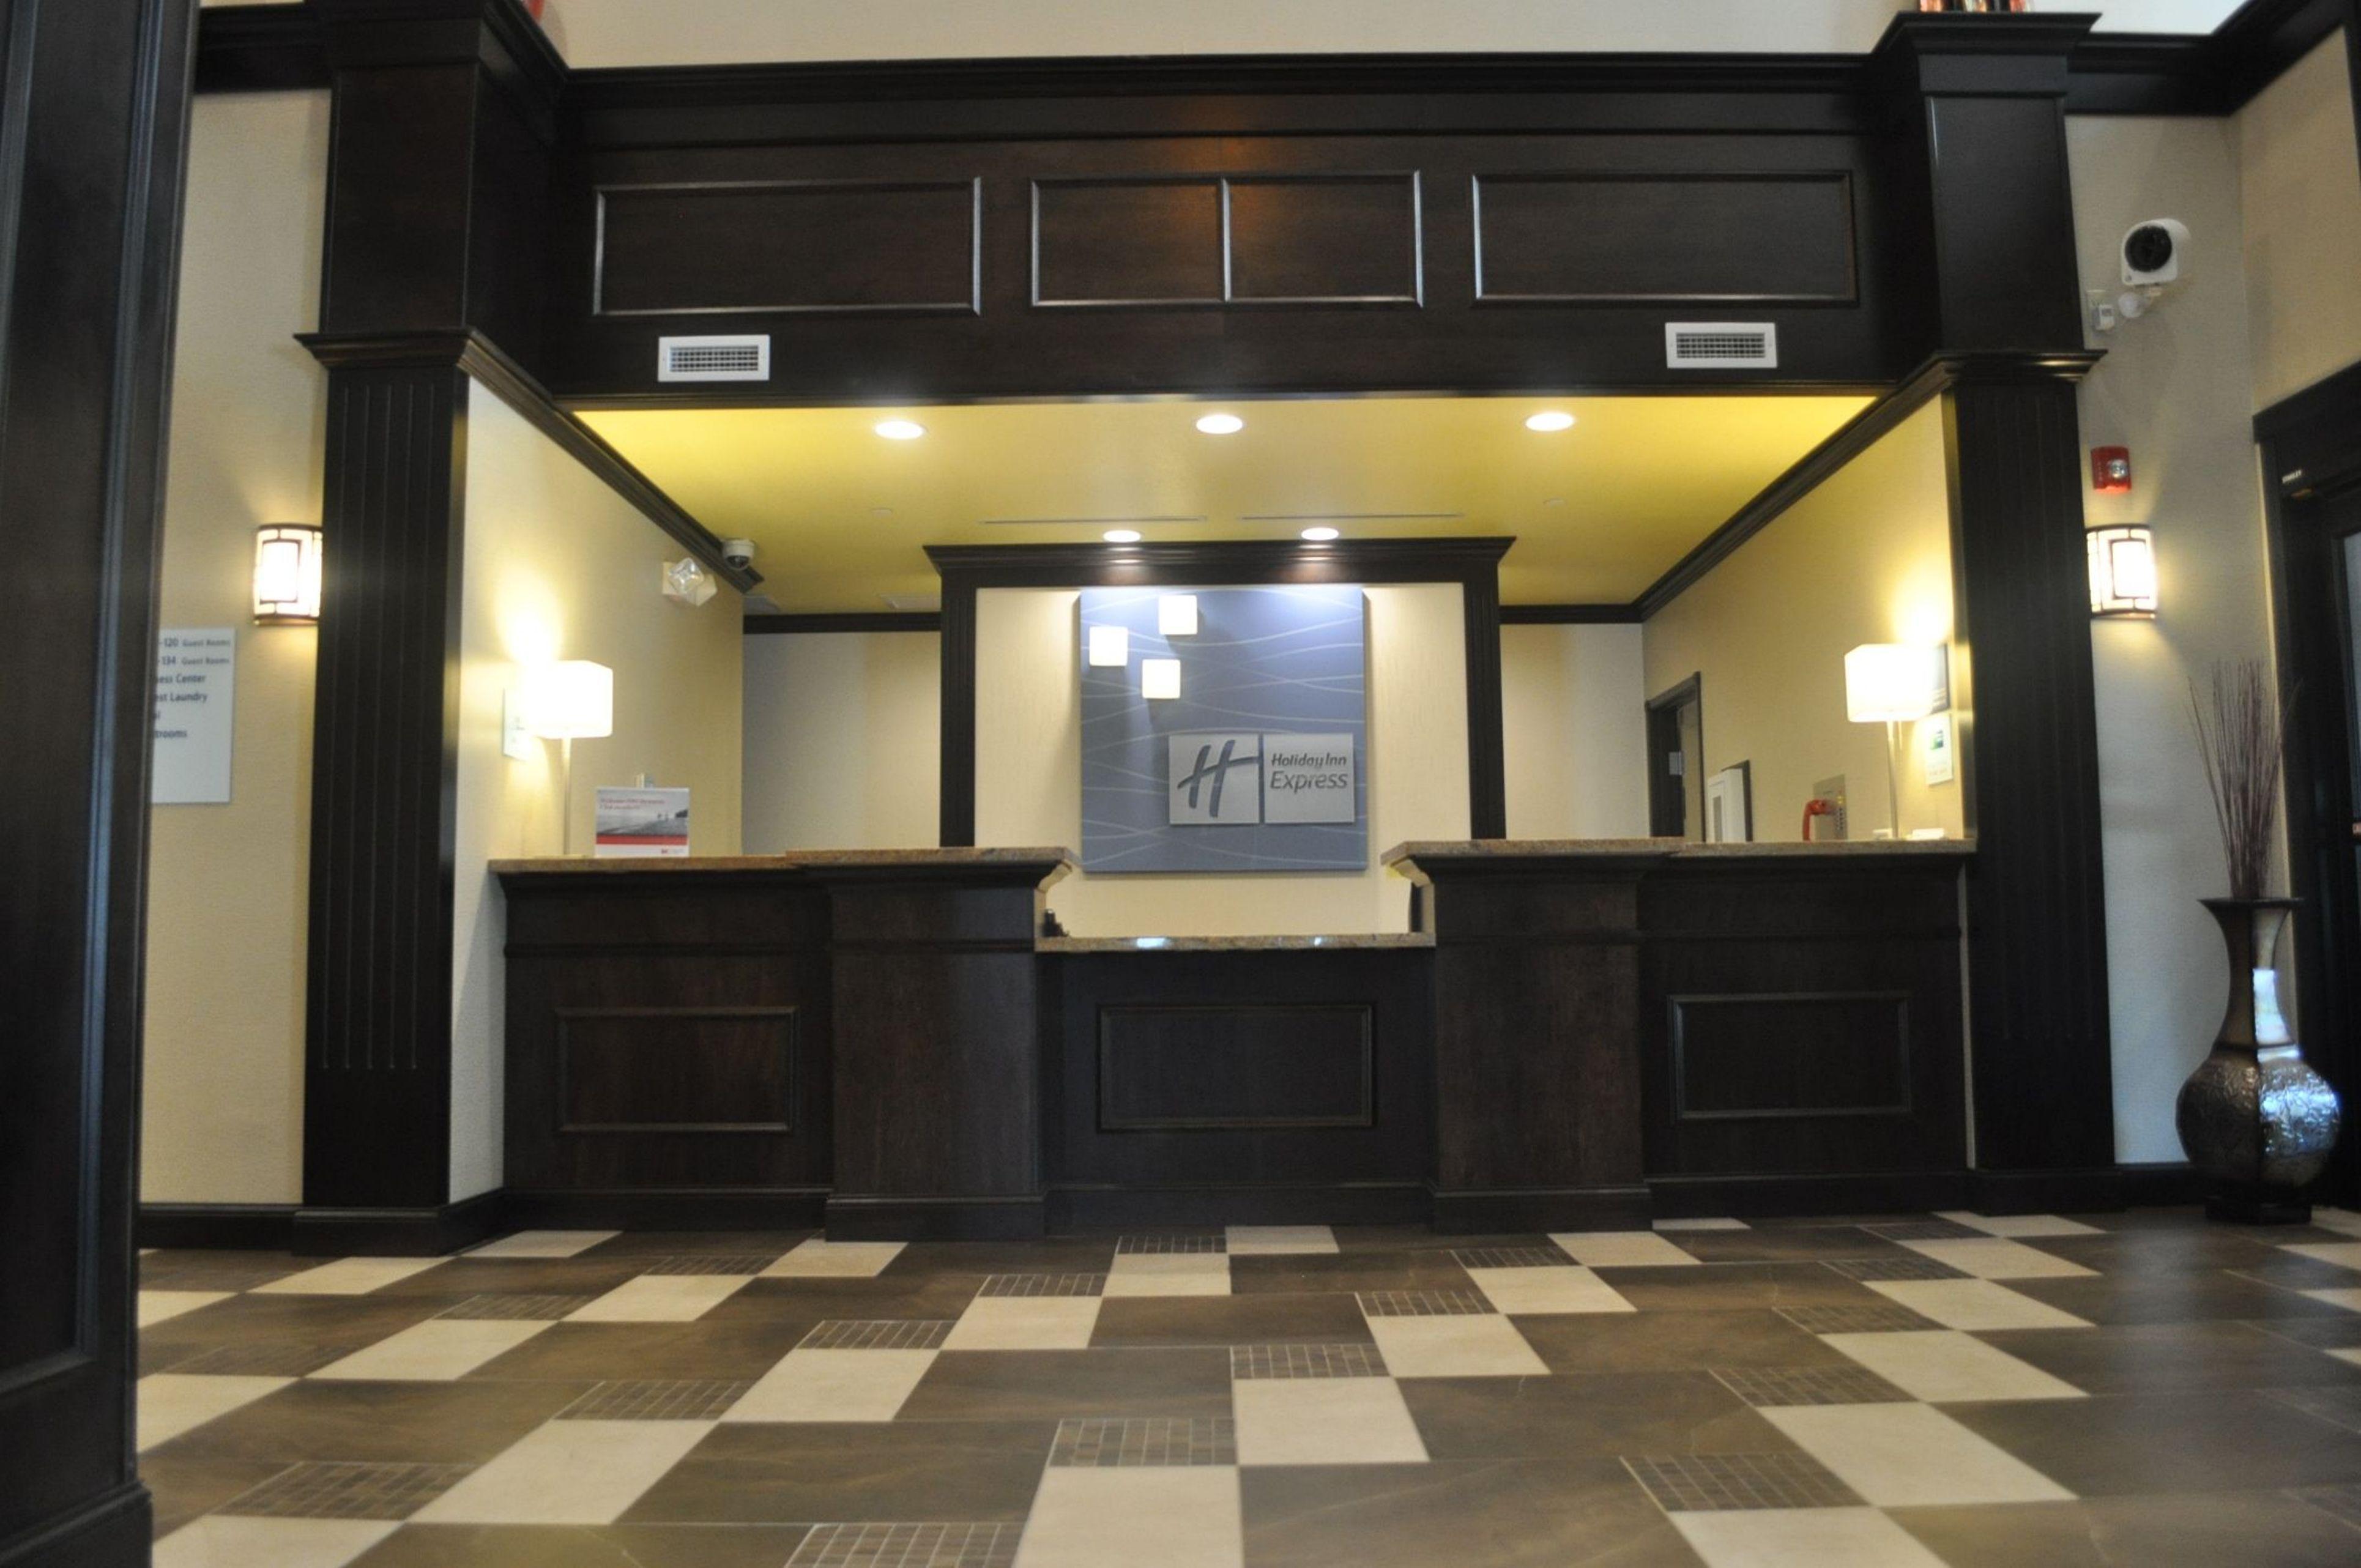 Greensburg Pa Hotels And Motels